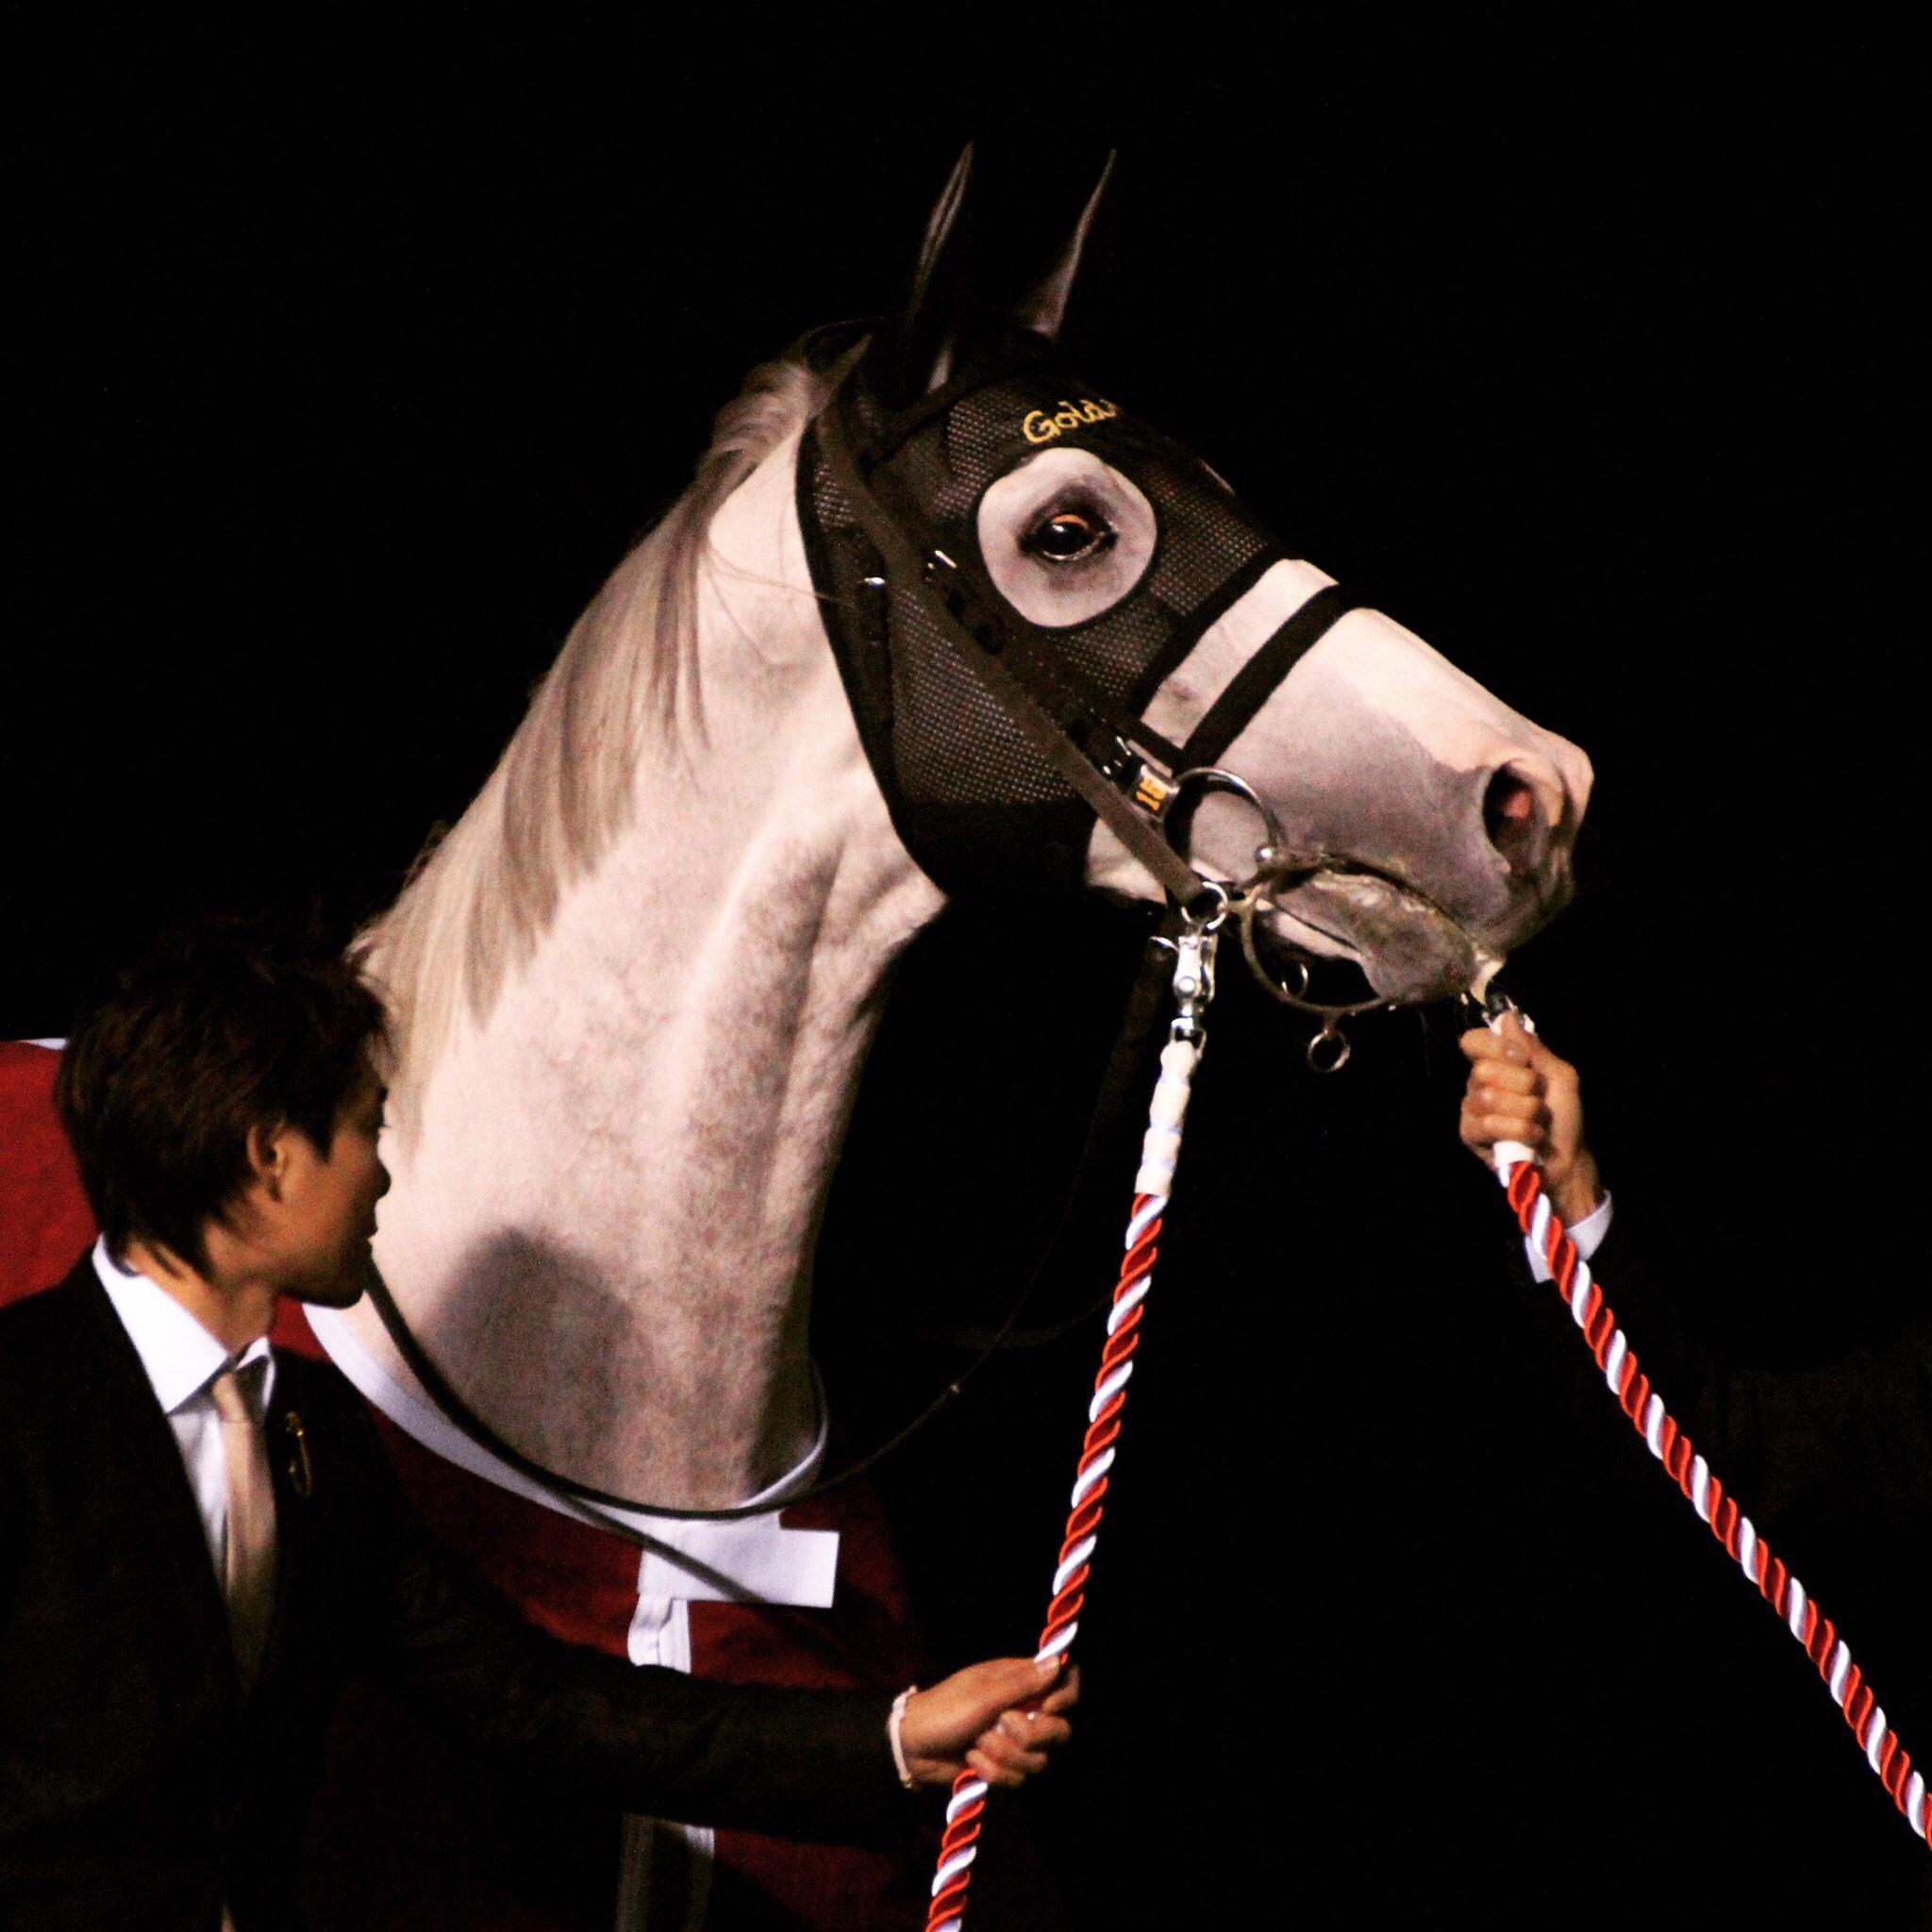 夜空にいななく ゴールドシップ引退式 | 競馬コラム&ニュース「ウマフリ」